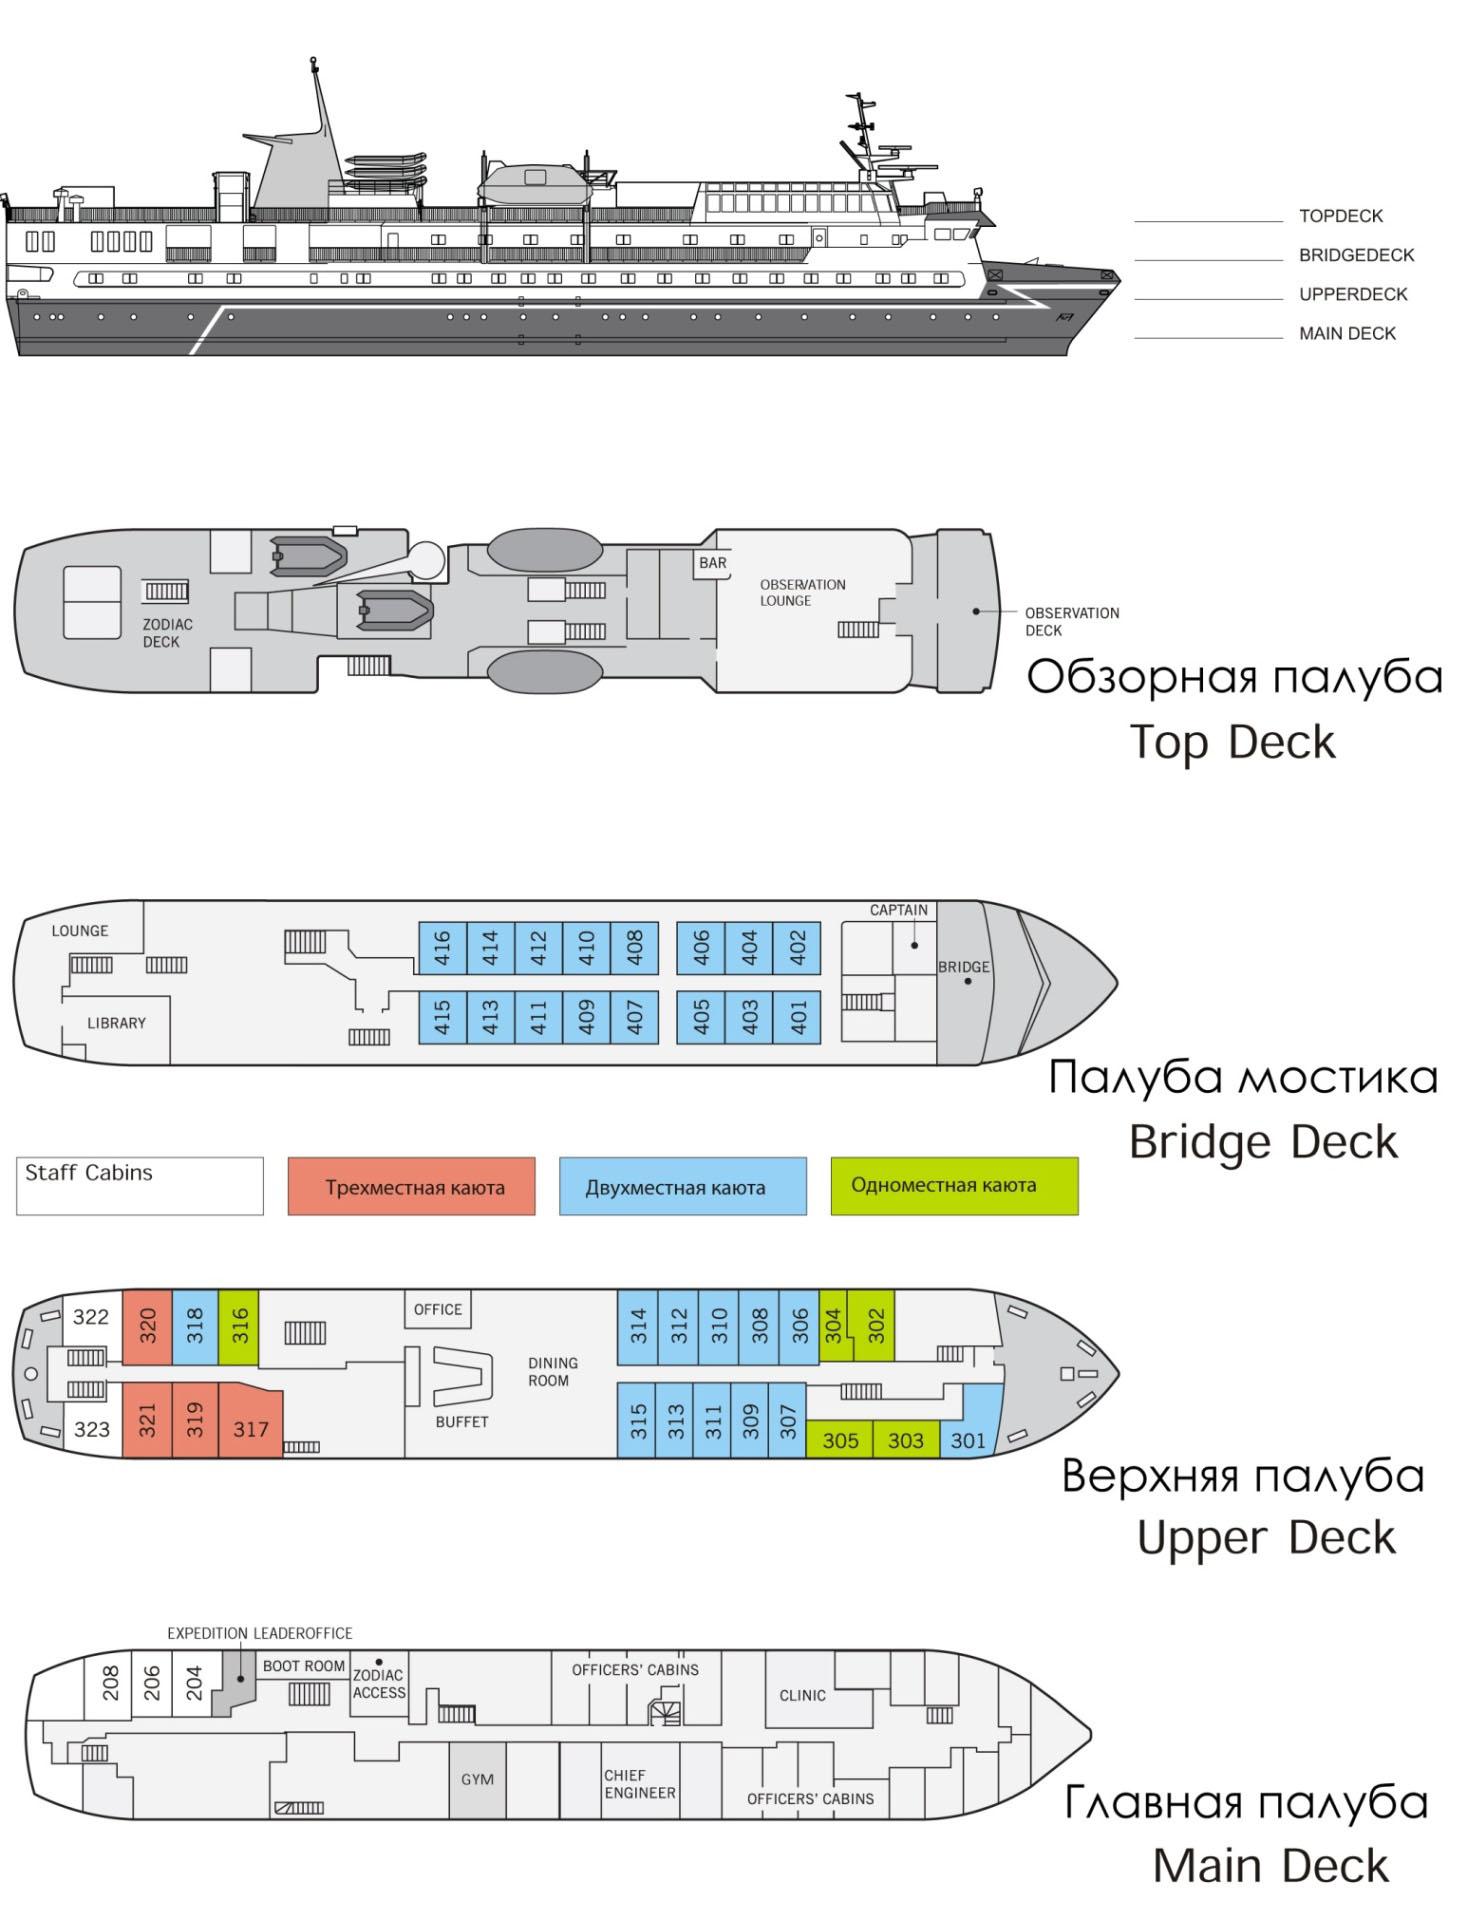 План палуб экспедиционного судна Ocean Nova